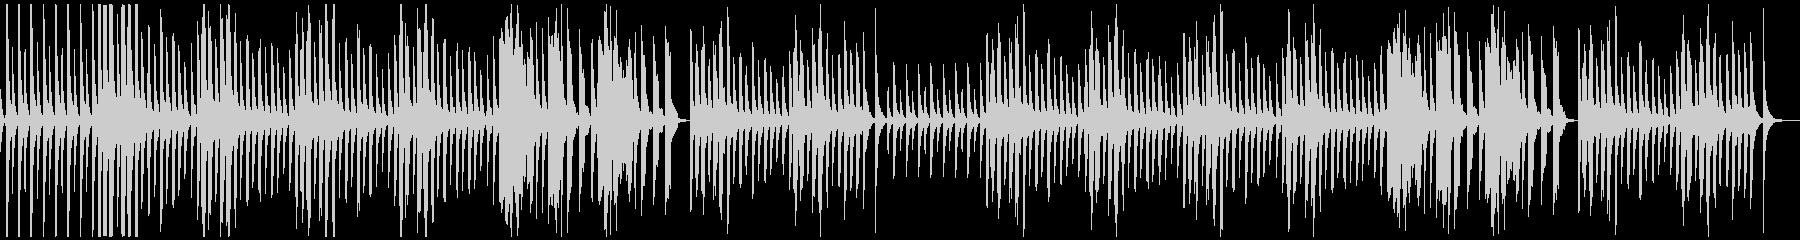 のんびり・ほのぼの・優しいBGMの未再生の波形